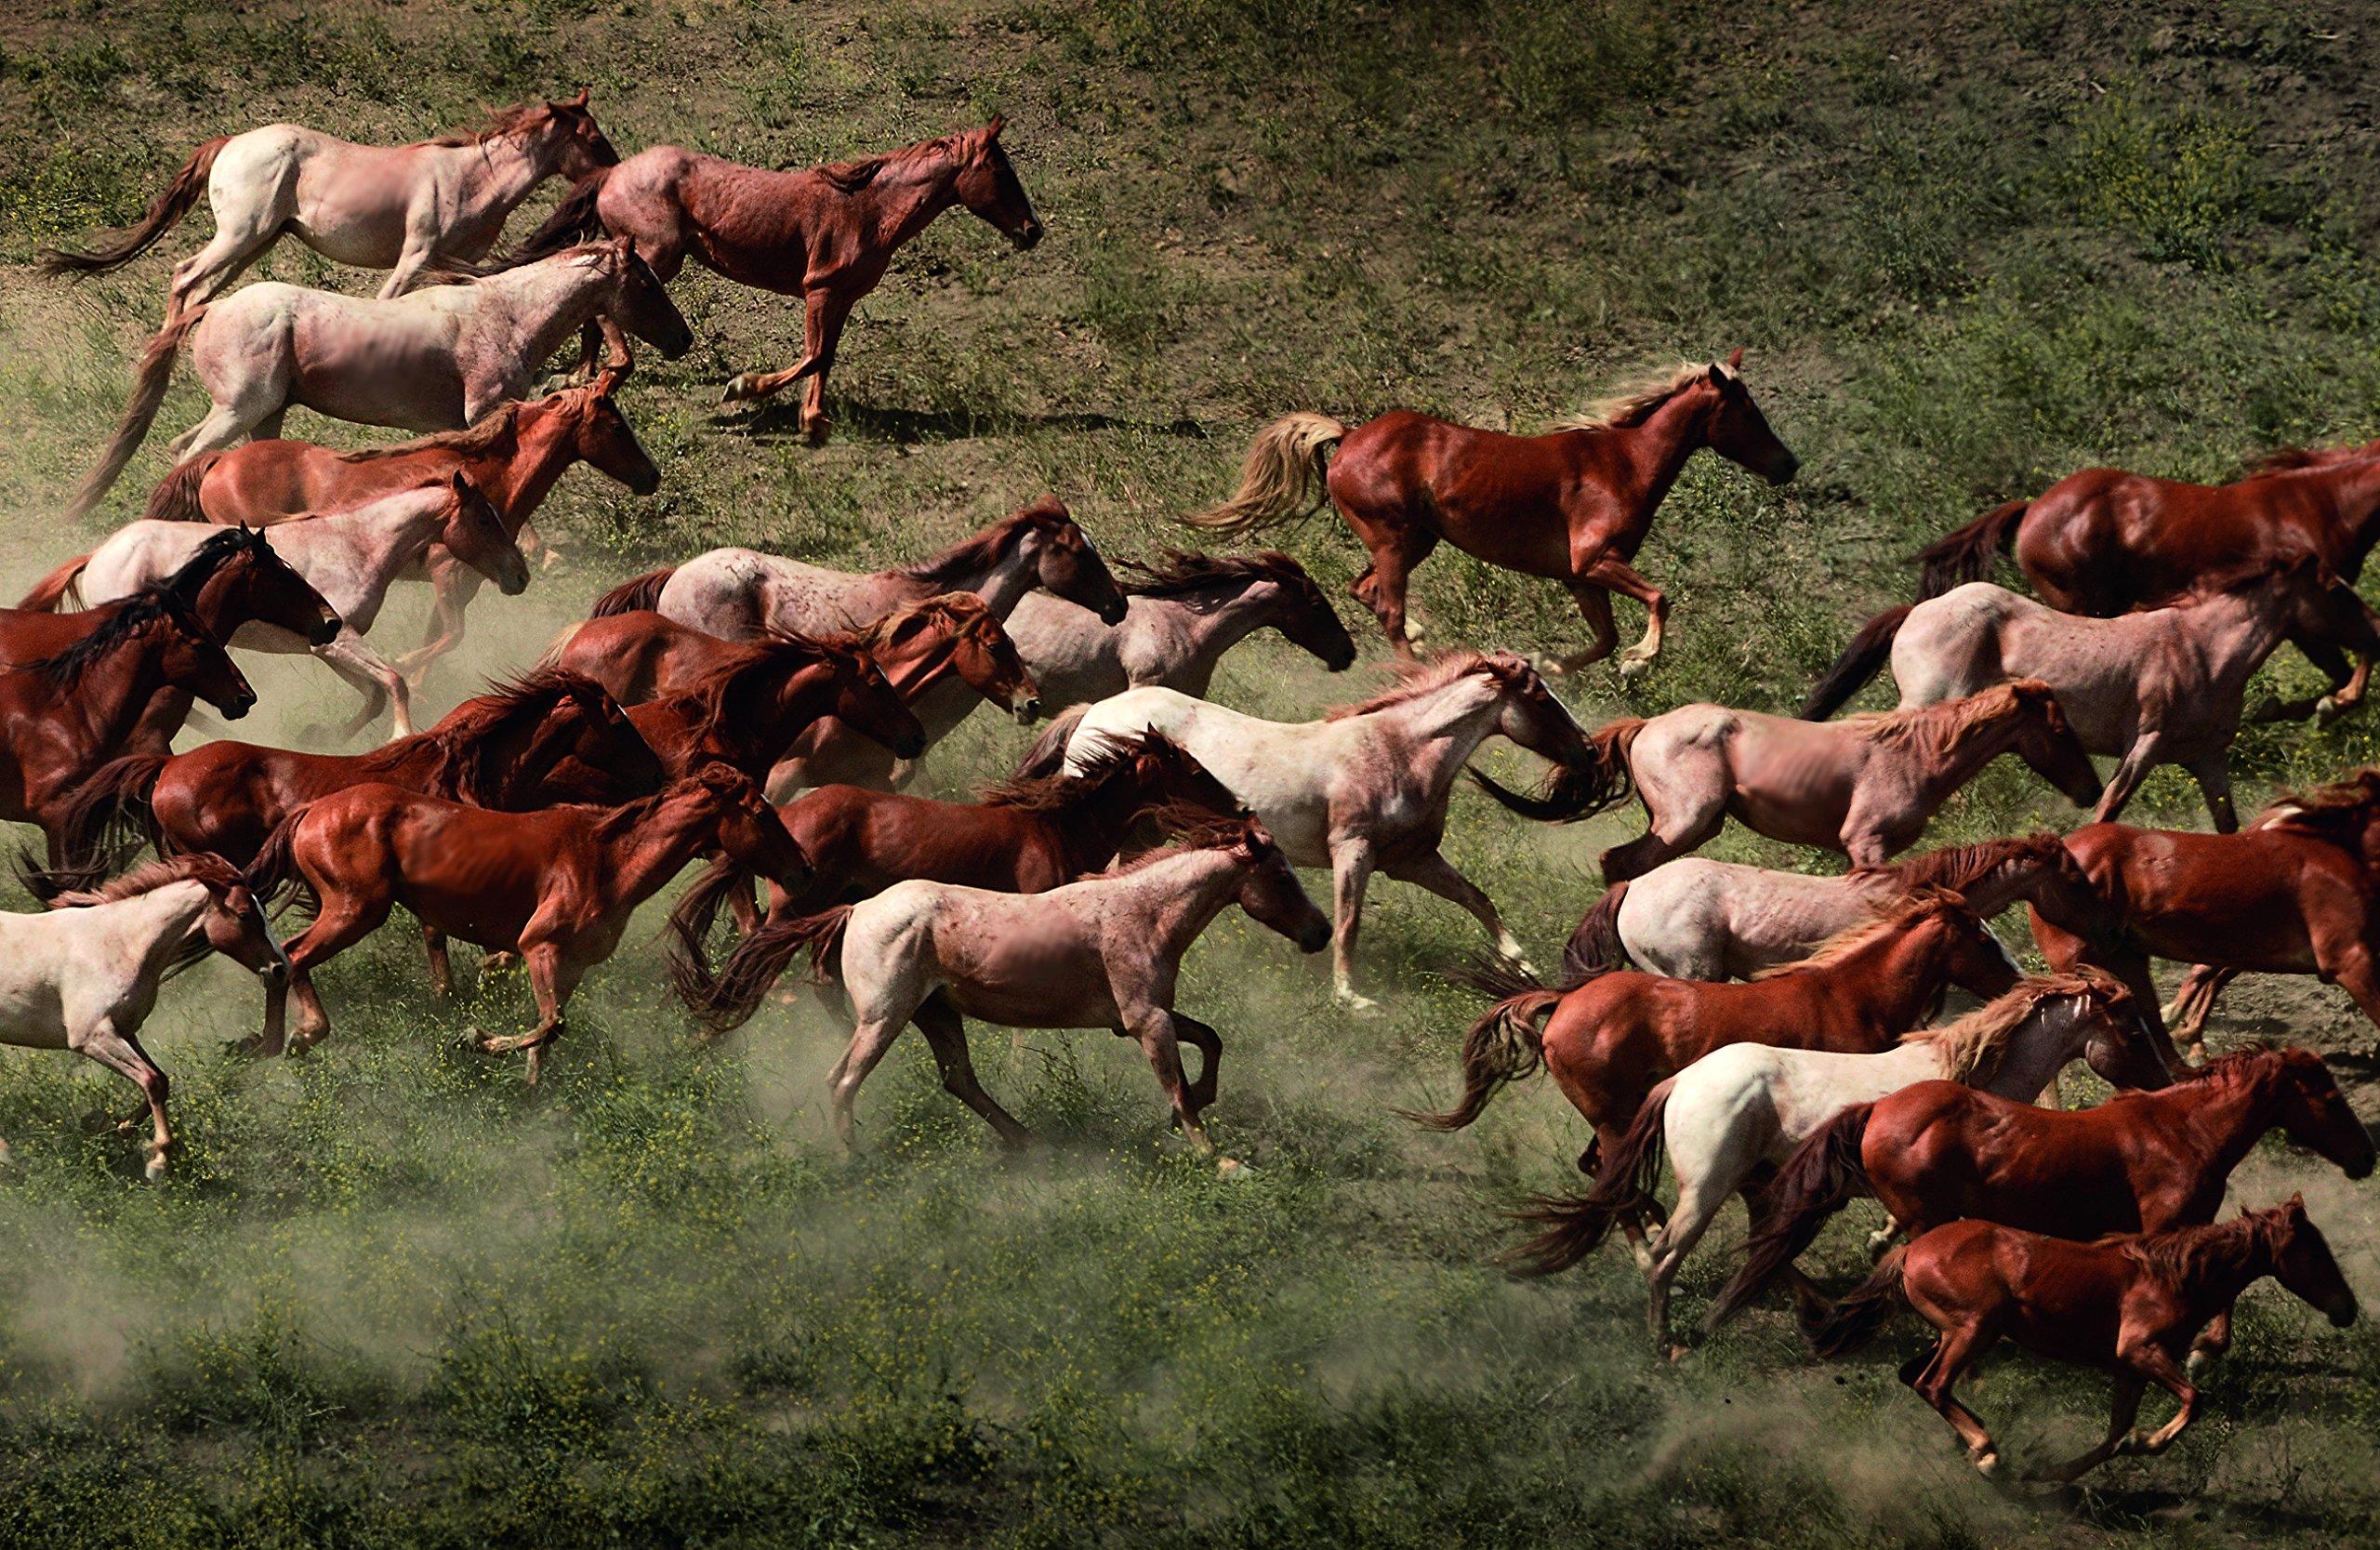 amazon com horses 9783832734268 tony stromberg books